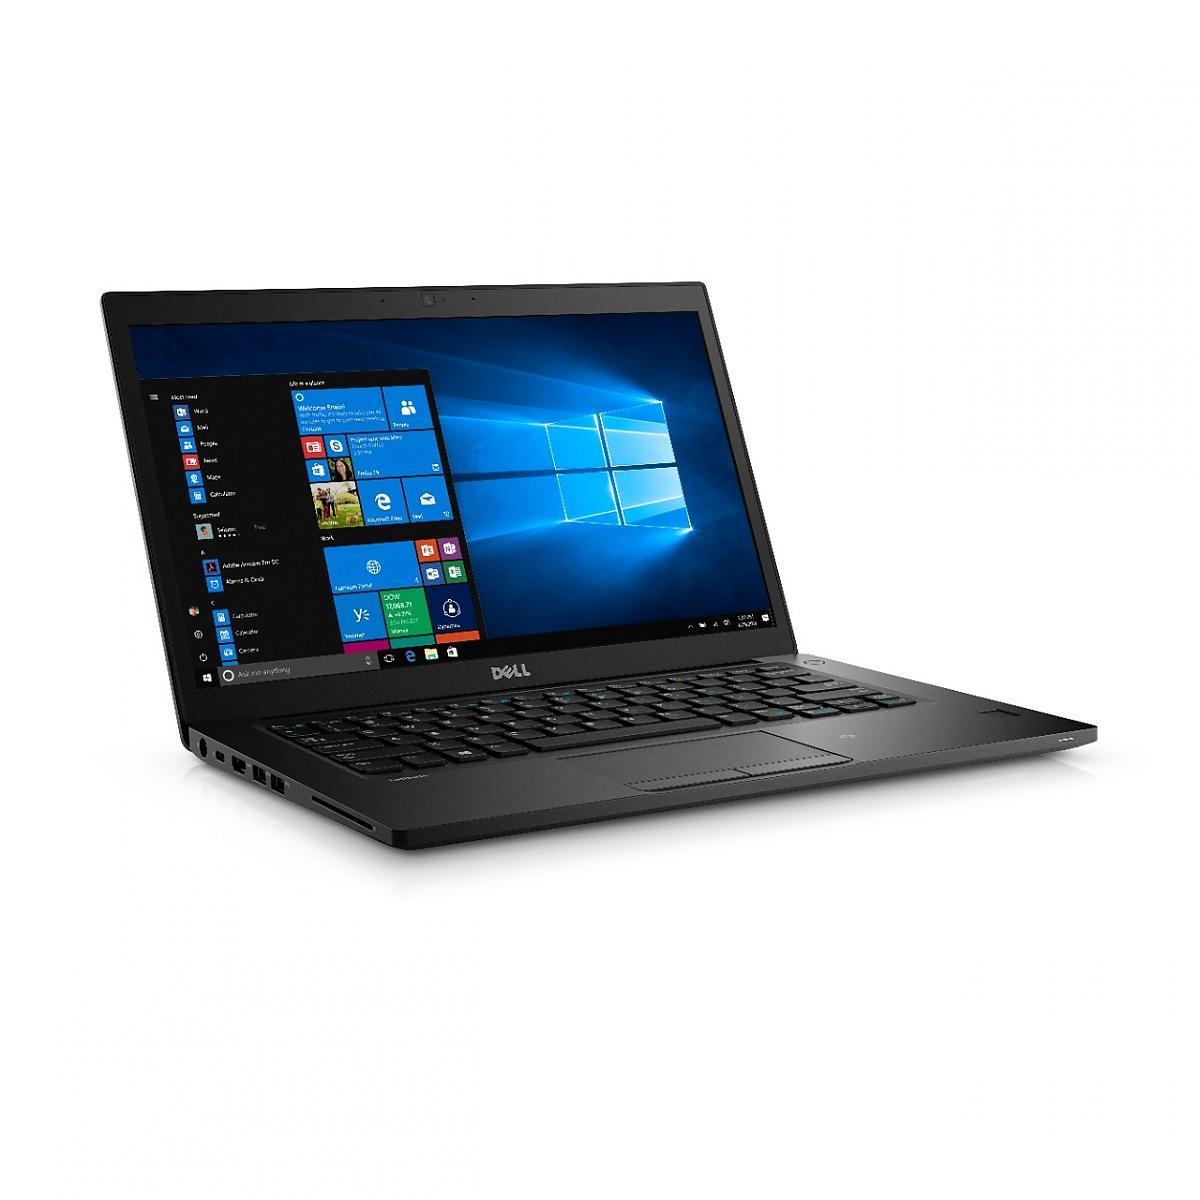 Dell Latitude 7480, 14″ Fhd, Core I7-7600u, 8gb, 512gb Ssd, Windows 10 Pro